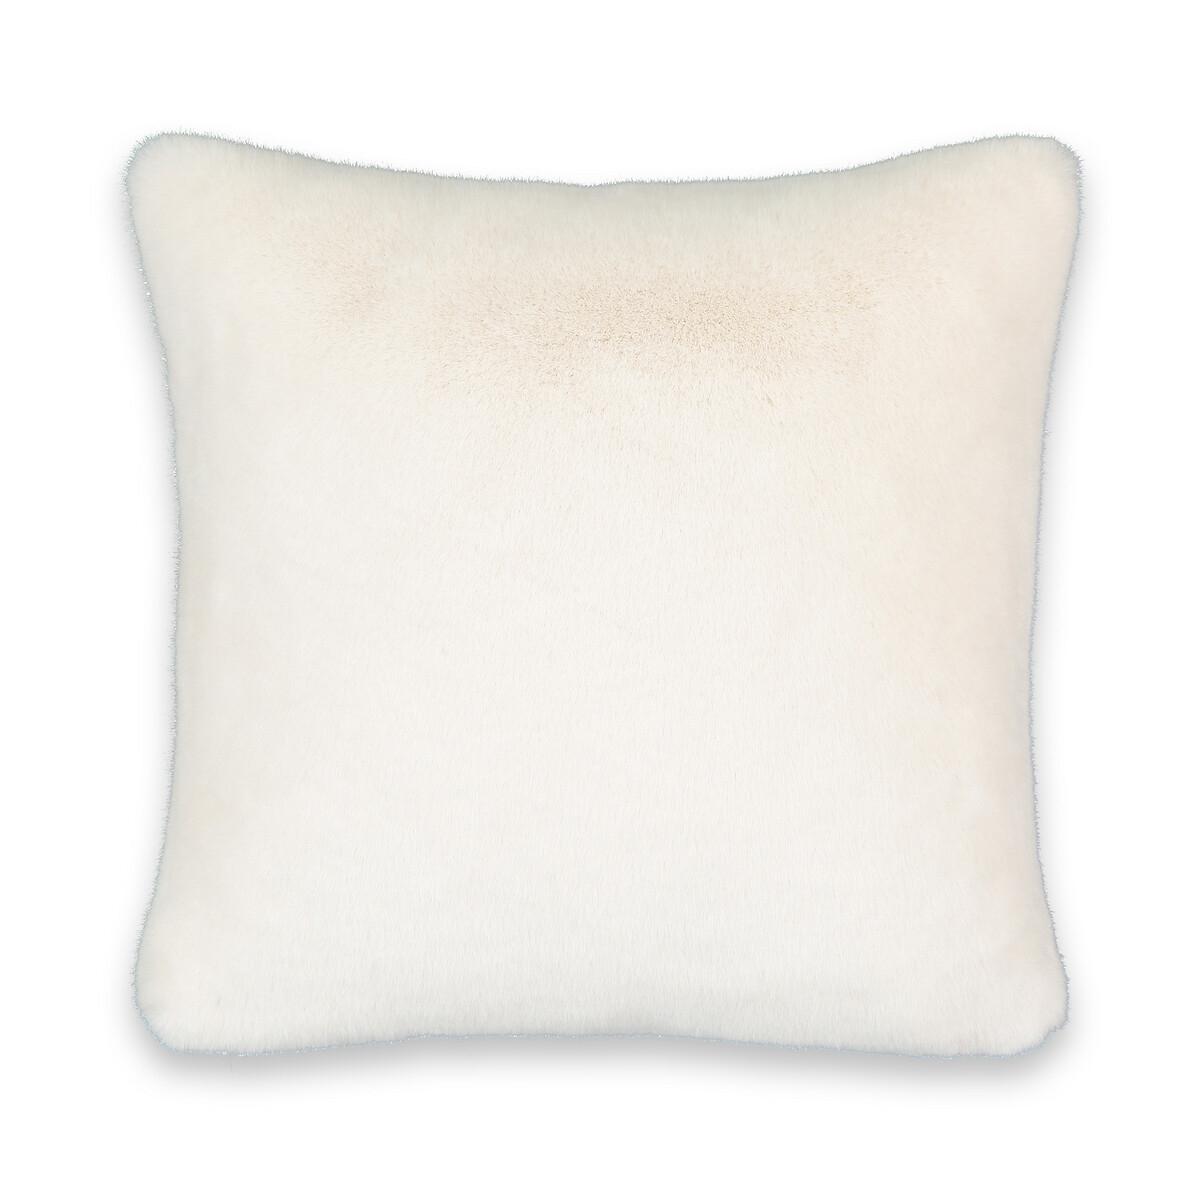 Чехол LaRedoute На подушку из искусственного меха 100 полиэстера Noursia 60 x 40 см белый